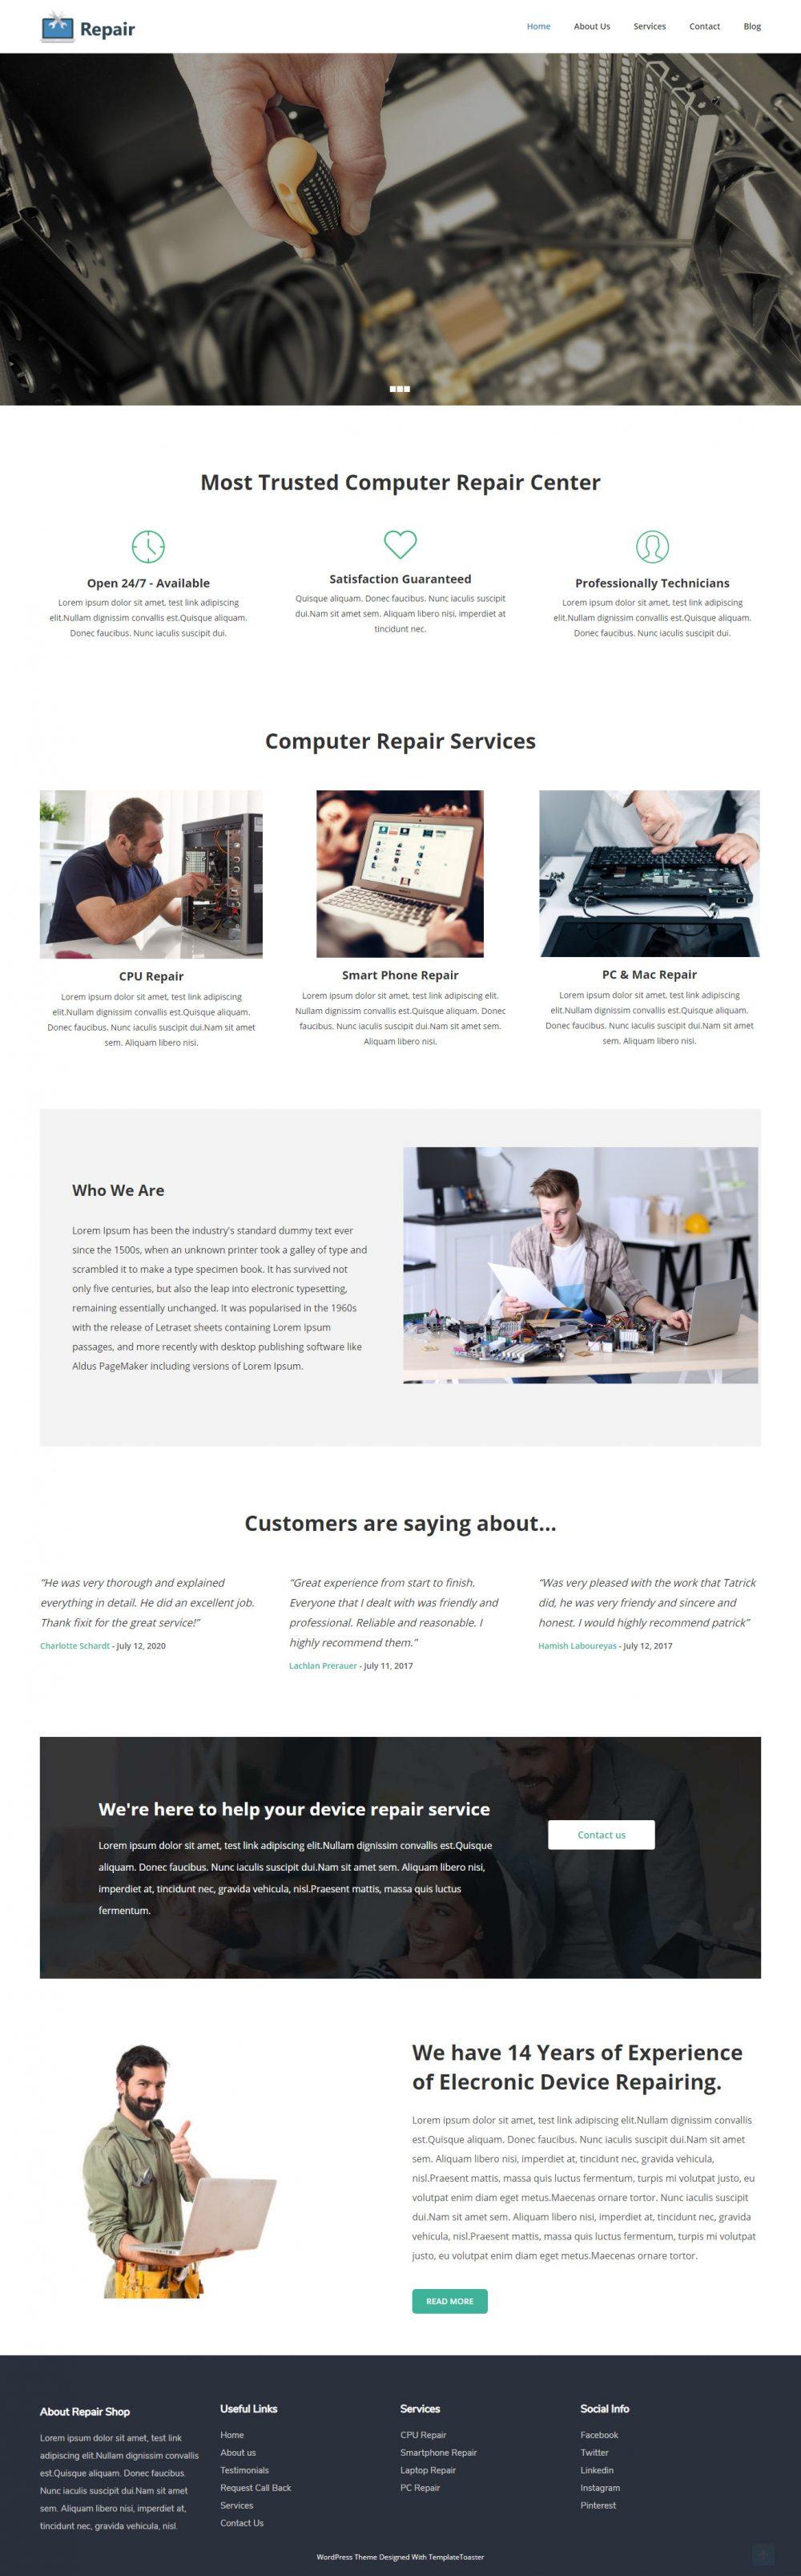 Repair - Computer Repair & Mobile Repair Service Blogger Template